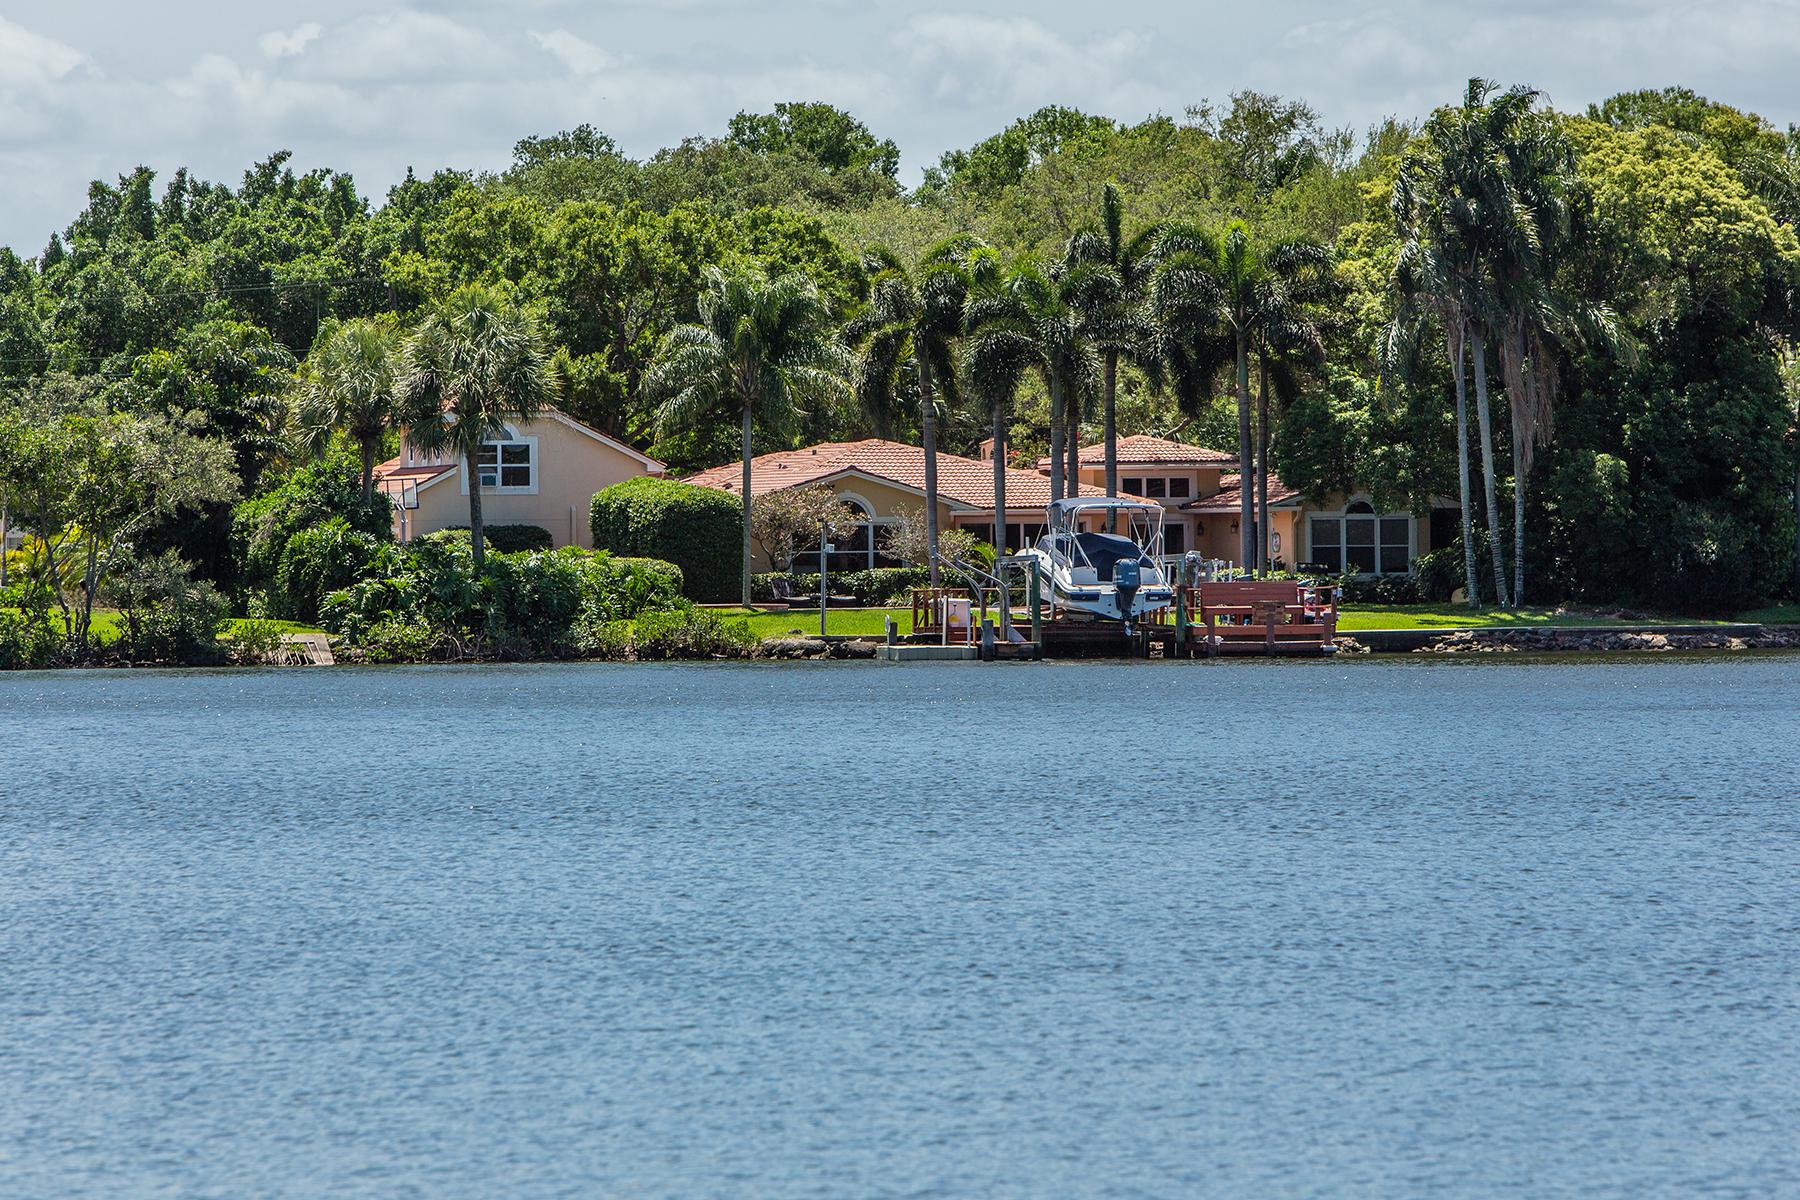 Terreno por un Venta en SNELL ISLE 1248 Monterey Blvd NE 43 St. Petersburg, Florida 33704 Estados Unidos